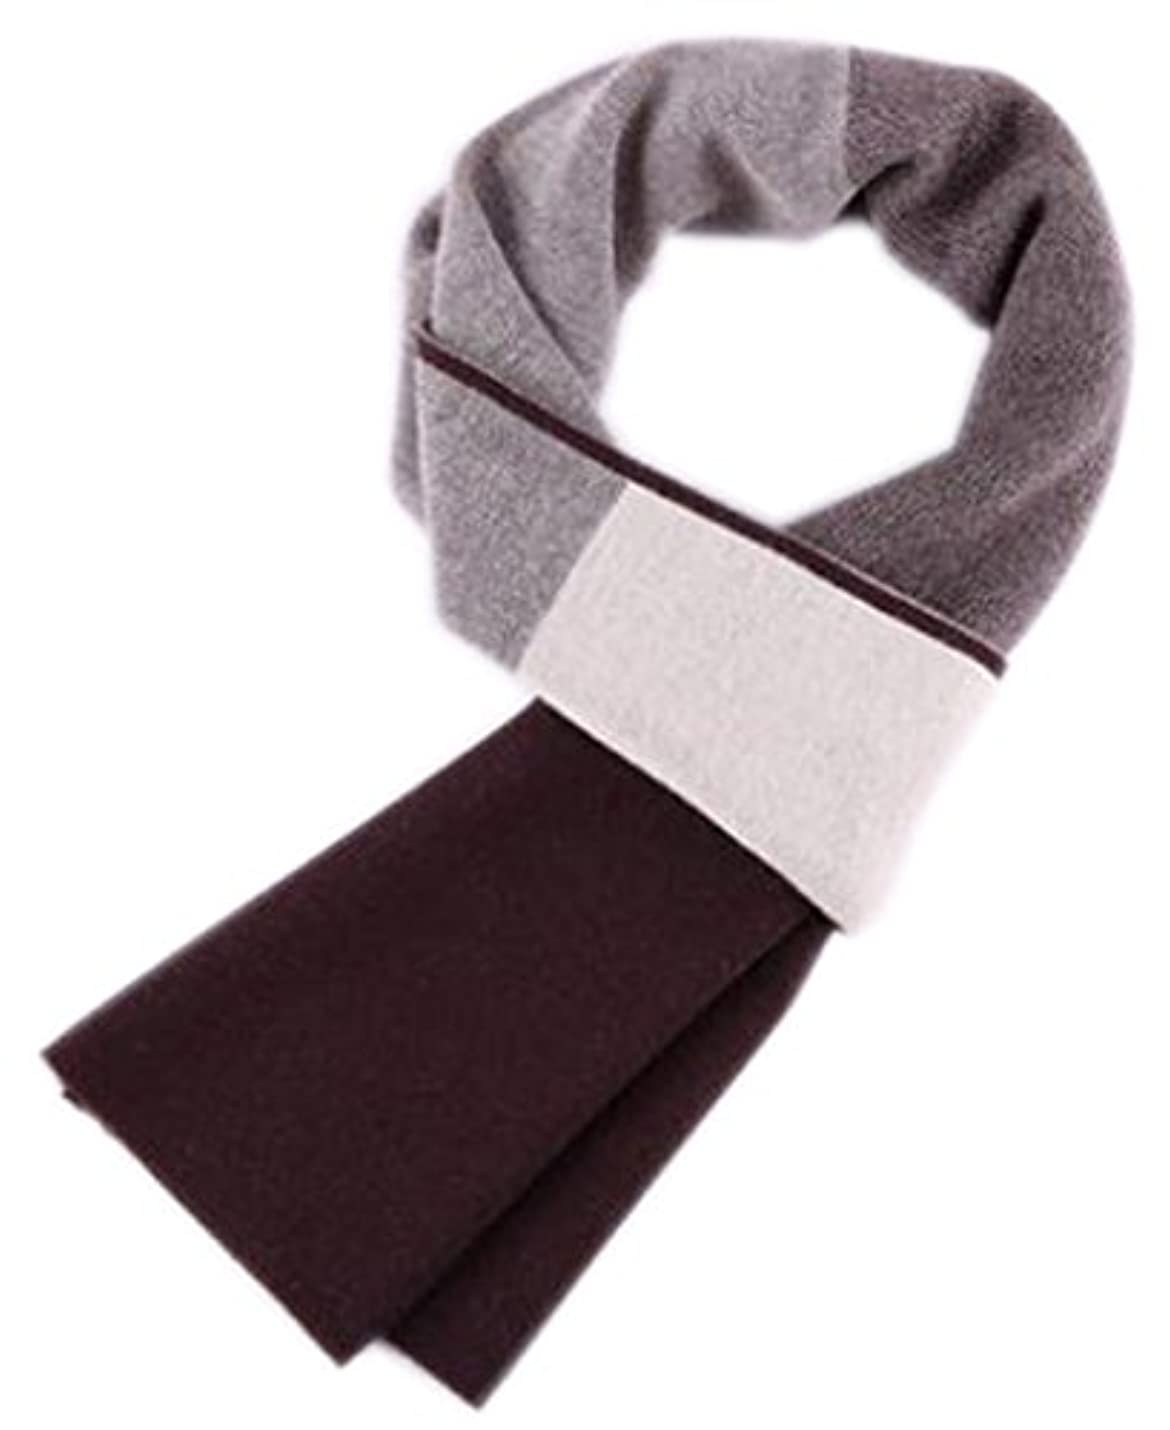 硬さ人種病者アダルト ユニセックス スカーフ/ショール 柔らかい 厚い 冬のスカーフ ウォームスカーフ ファッションスカーフ #32